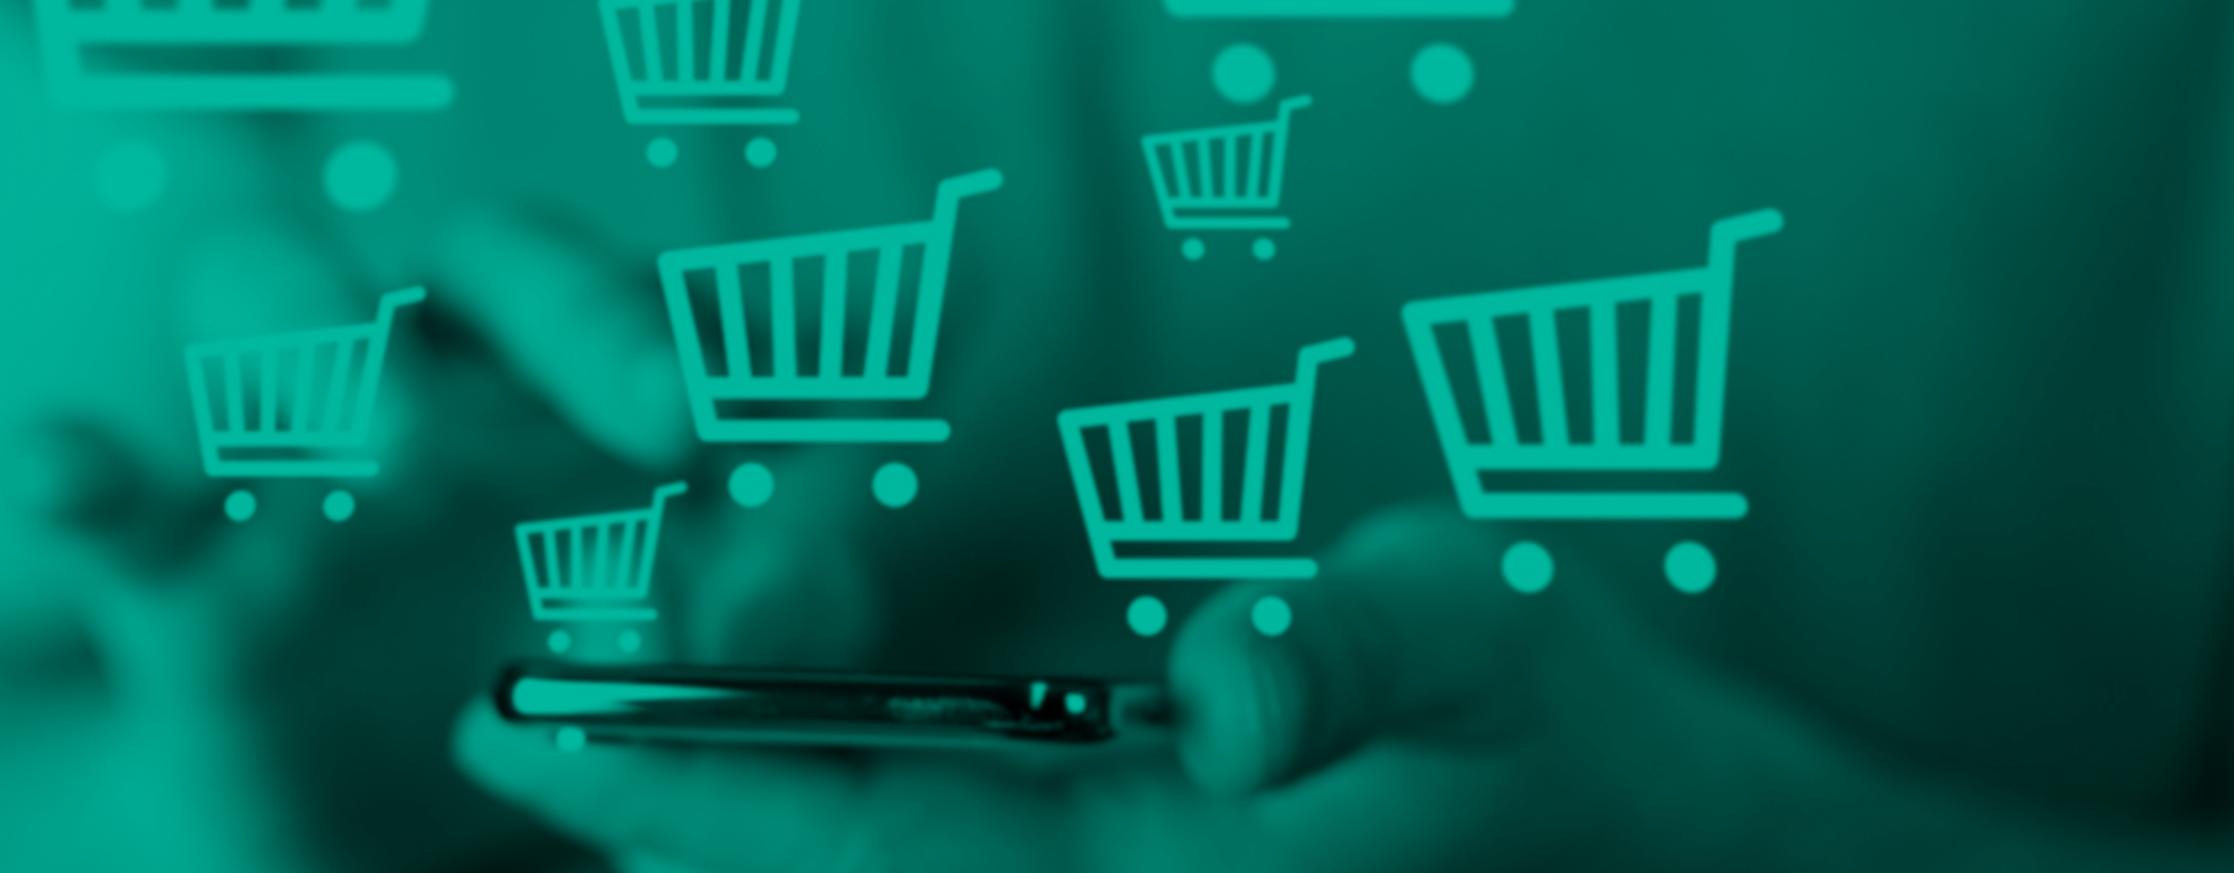 compra online com carrinhos de compra em 3D